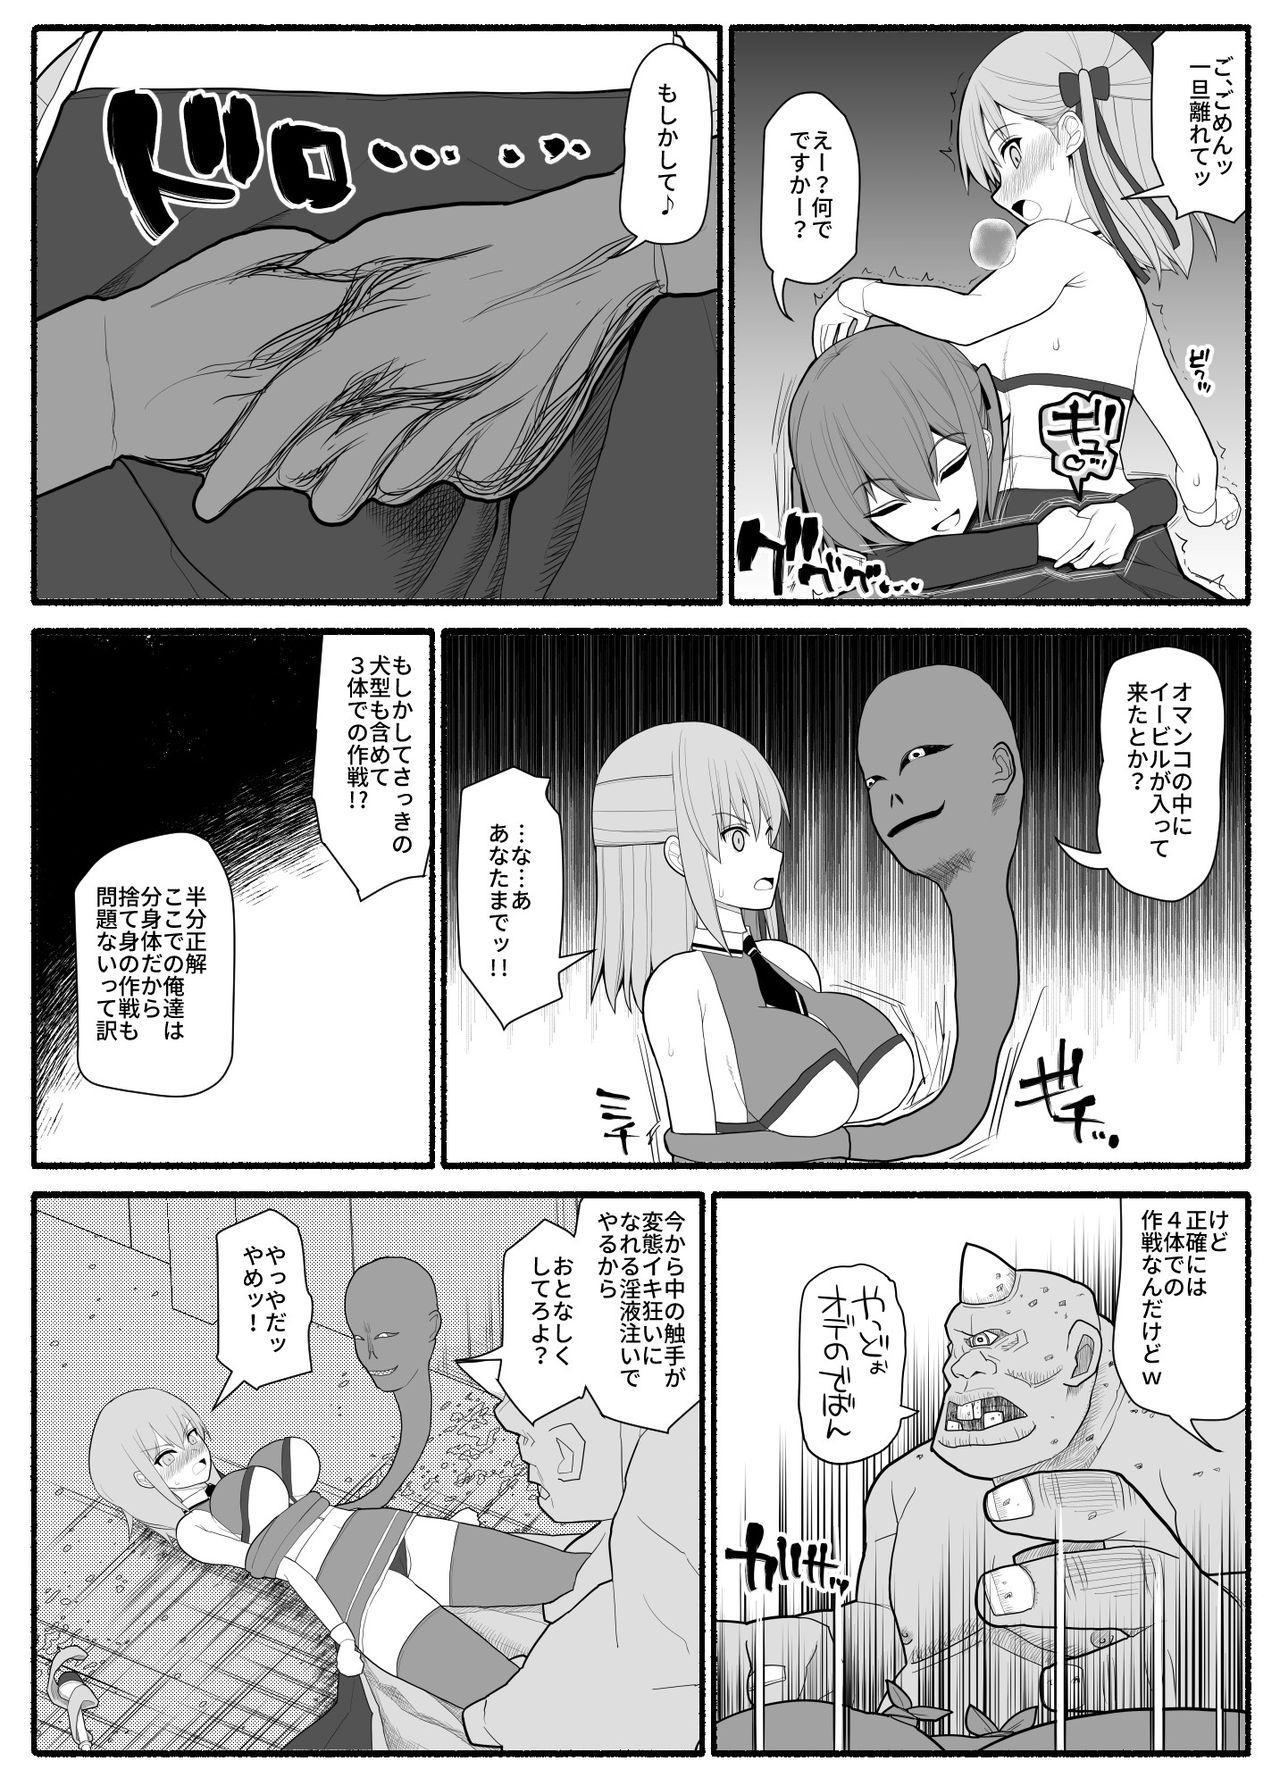 mahou shoujo VS inma seibutsu 8